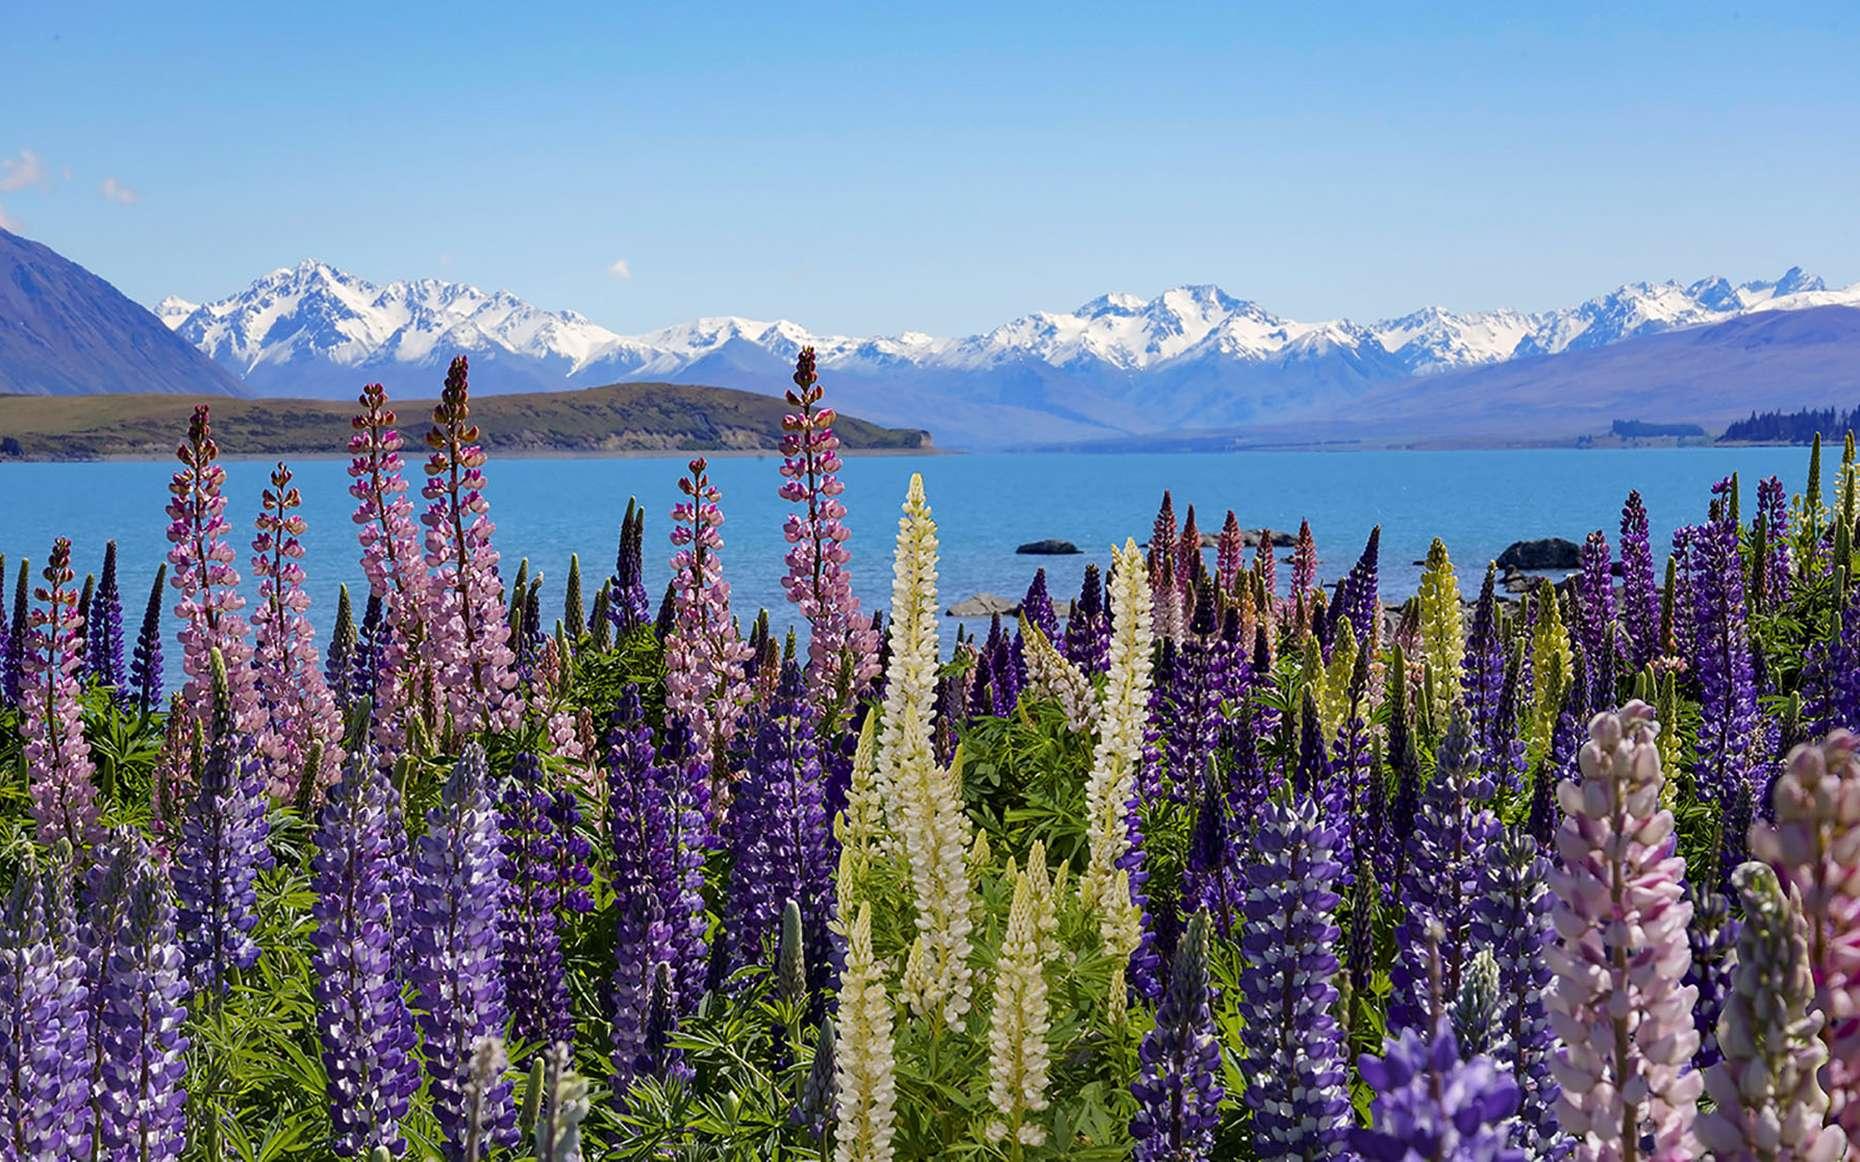 Au « pays du grand nuage blanc », des massifs de lupins envahissent les bords du lac Tekapo. © Antoine, tous droits réservés